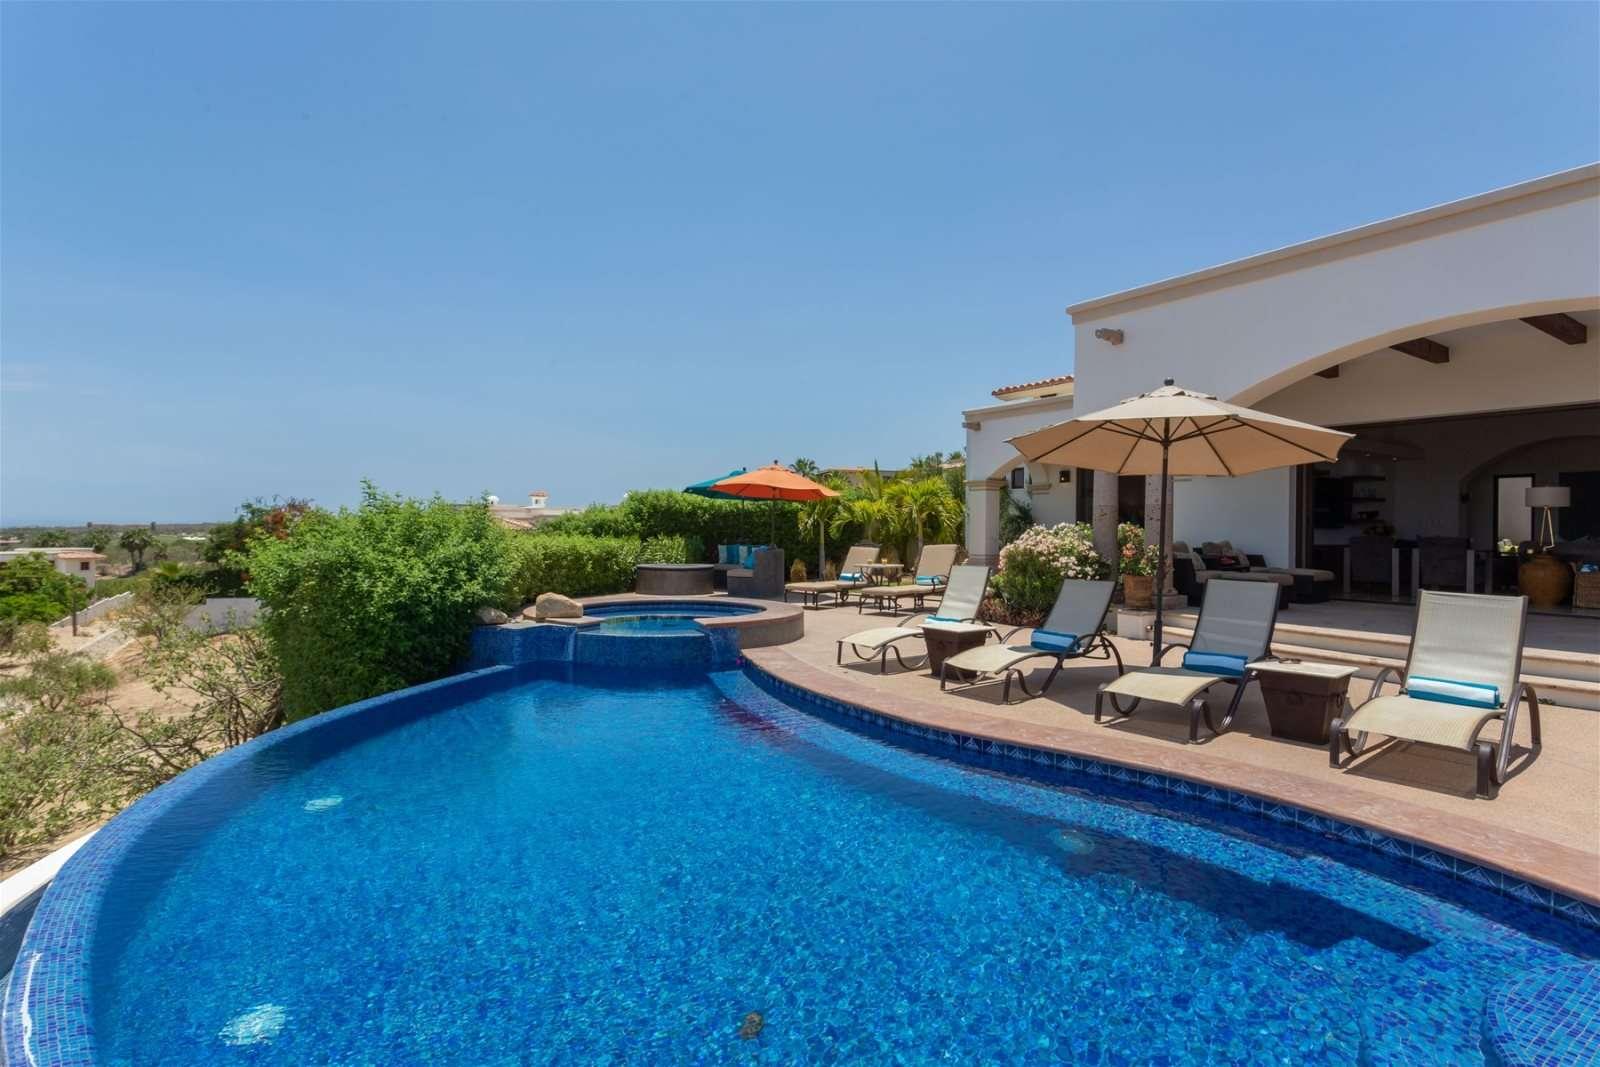 Luxury vacation rentals mexico - Los cabos - Los cabos corridor - Cabo delsol - Casa Juan Miguel - Image 1/36